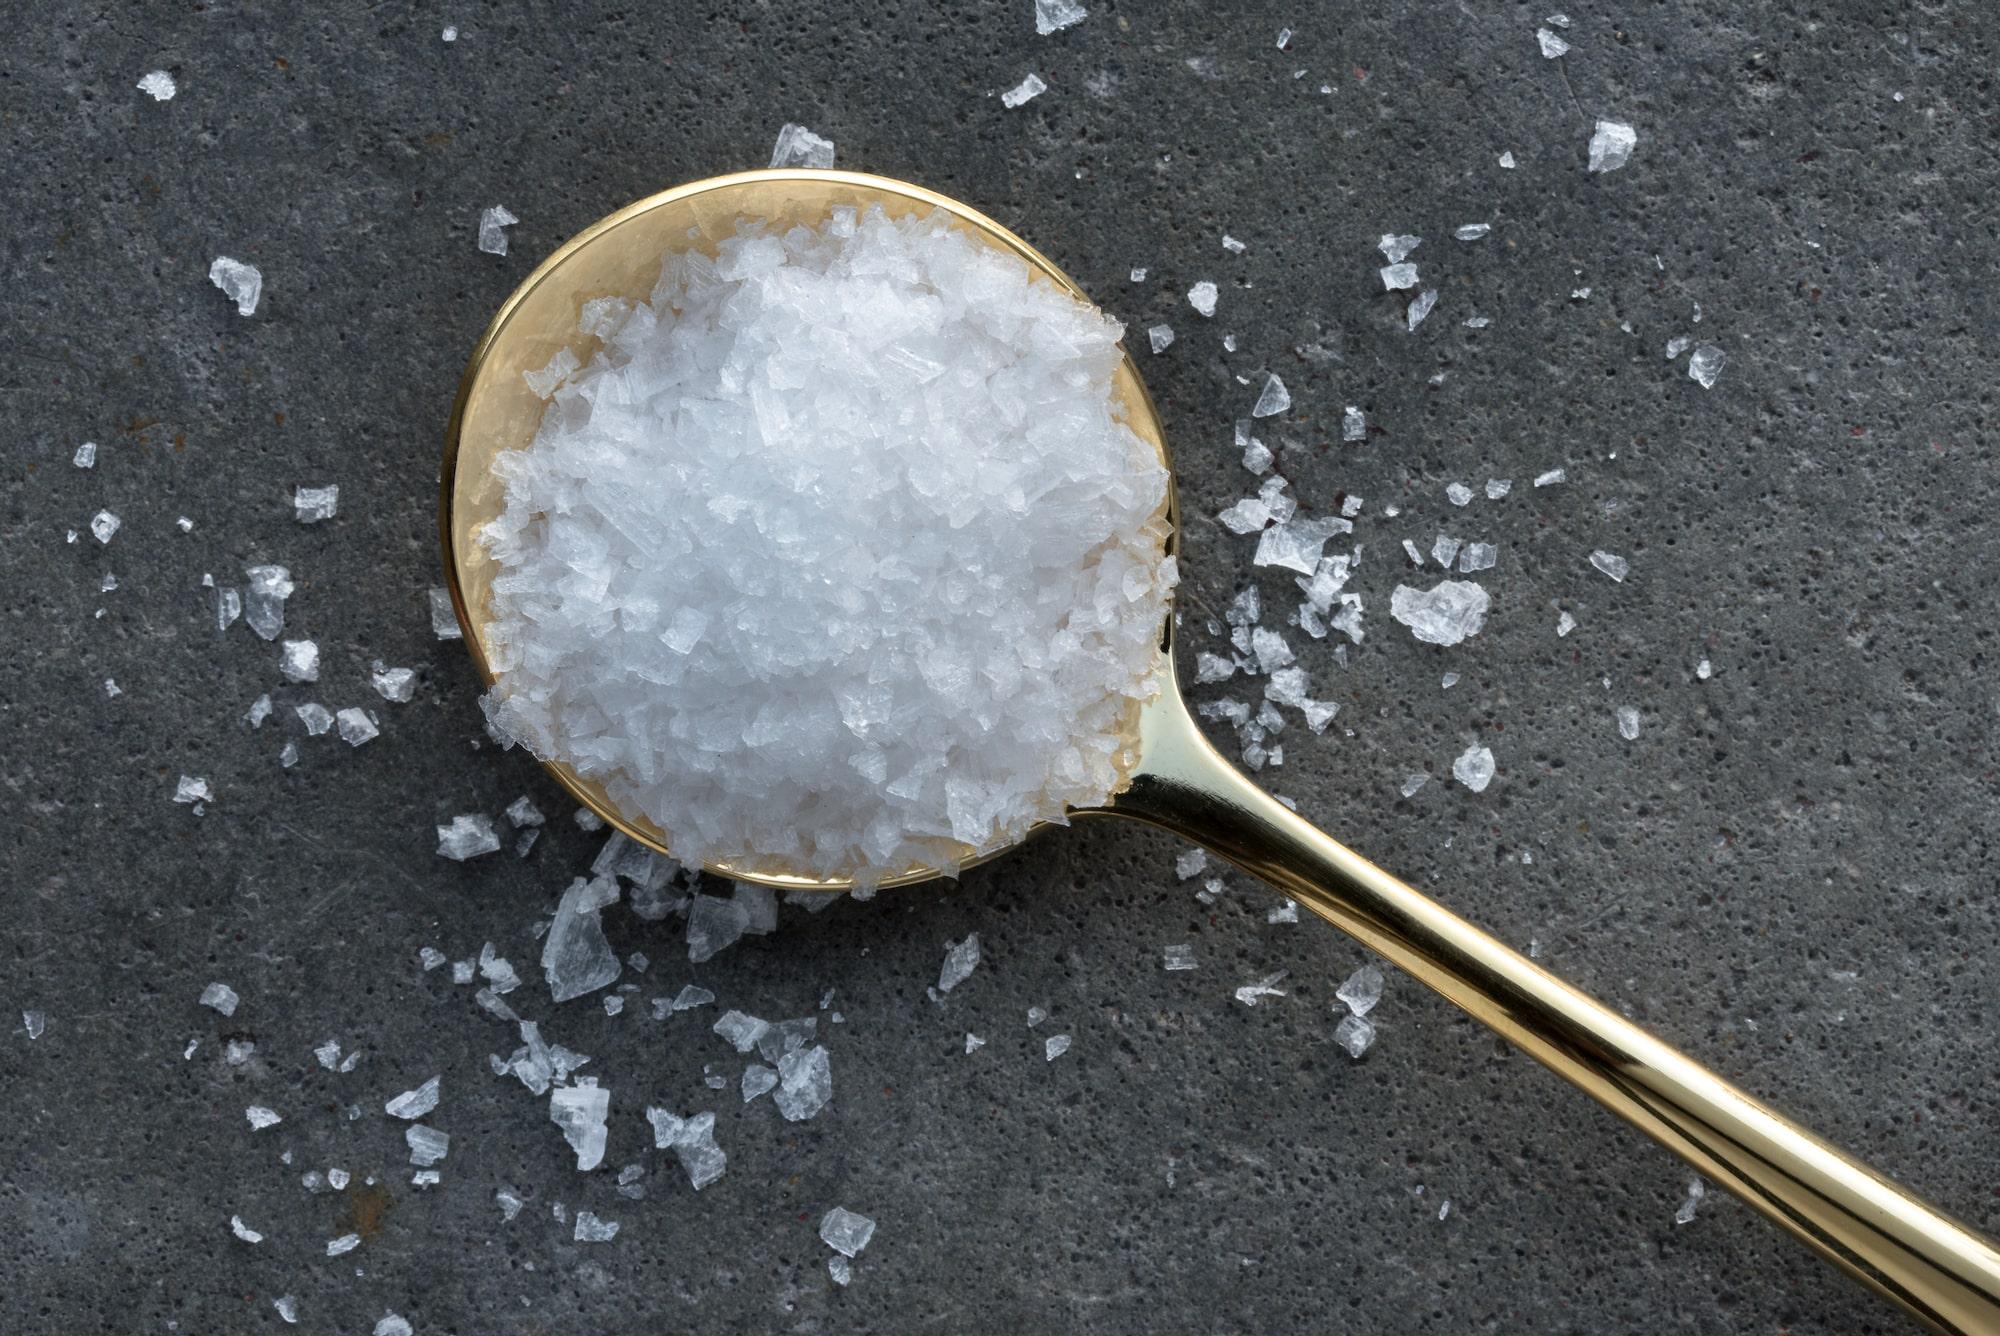 Sea salt flakes on a spoon